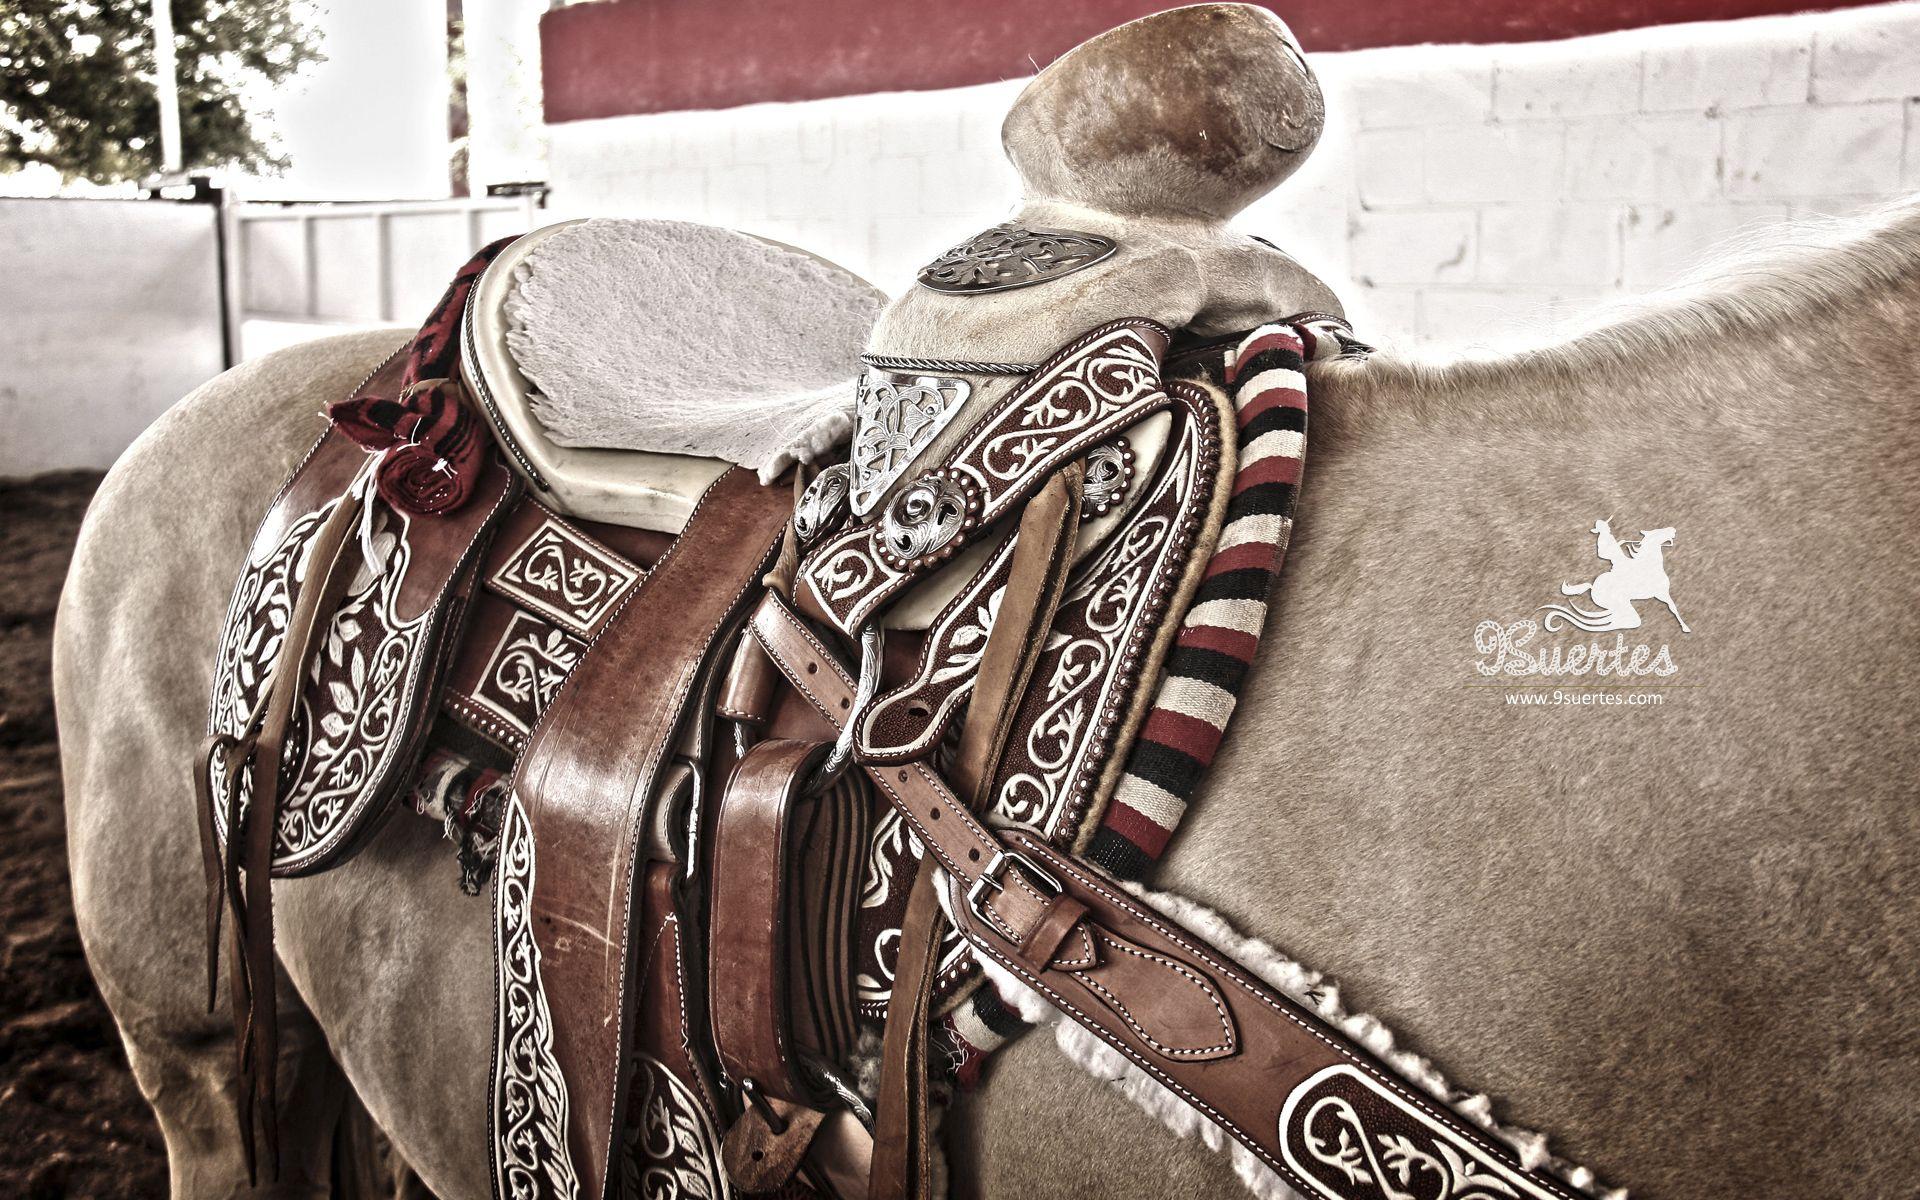 Caballo y su montura charra charro pinterest for Monturas para caballos